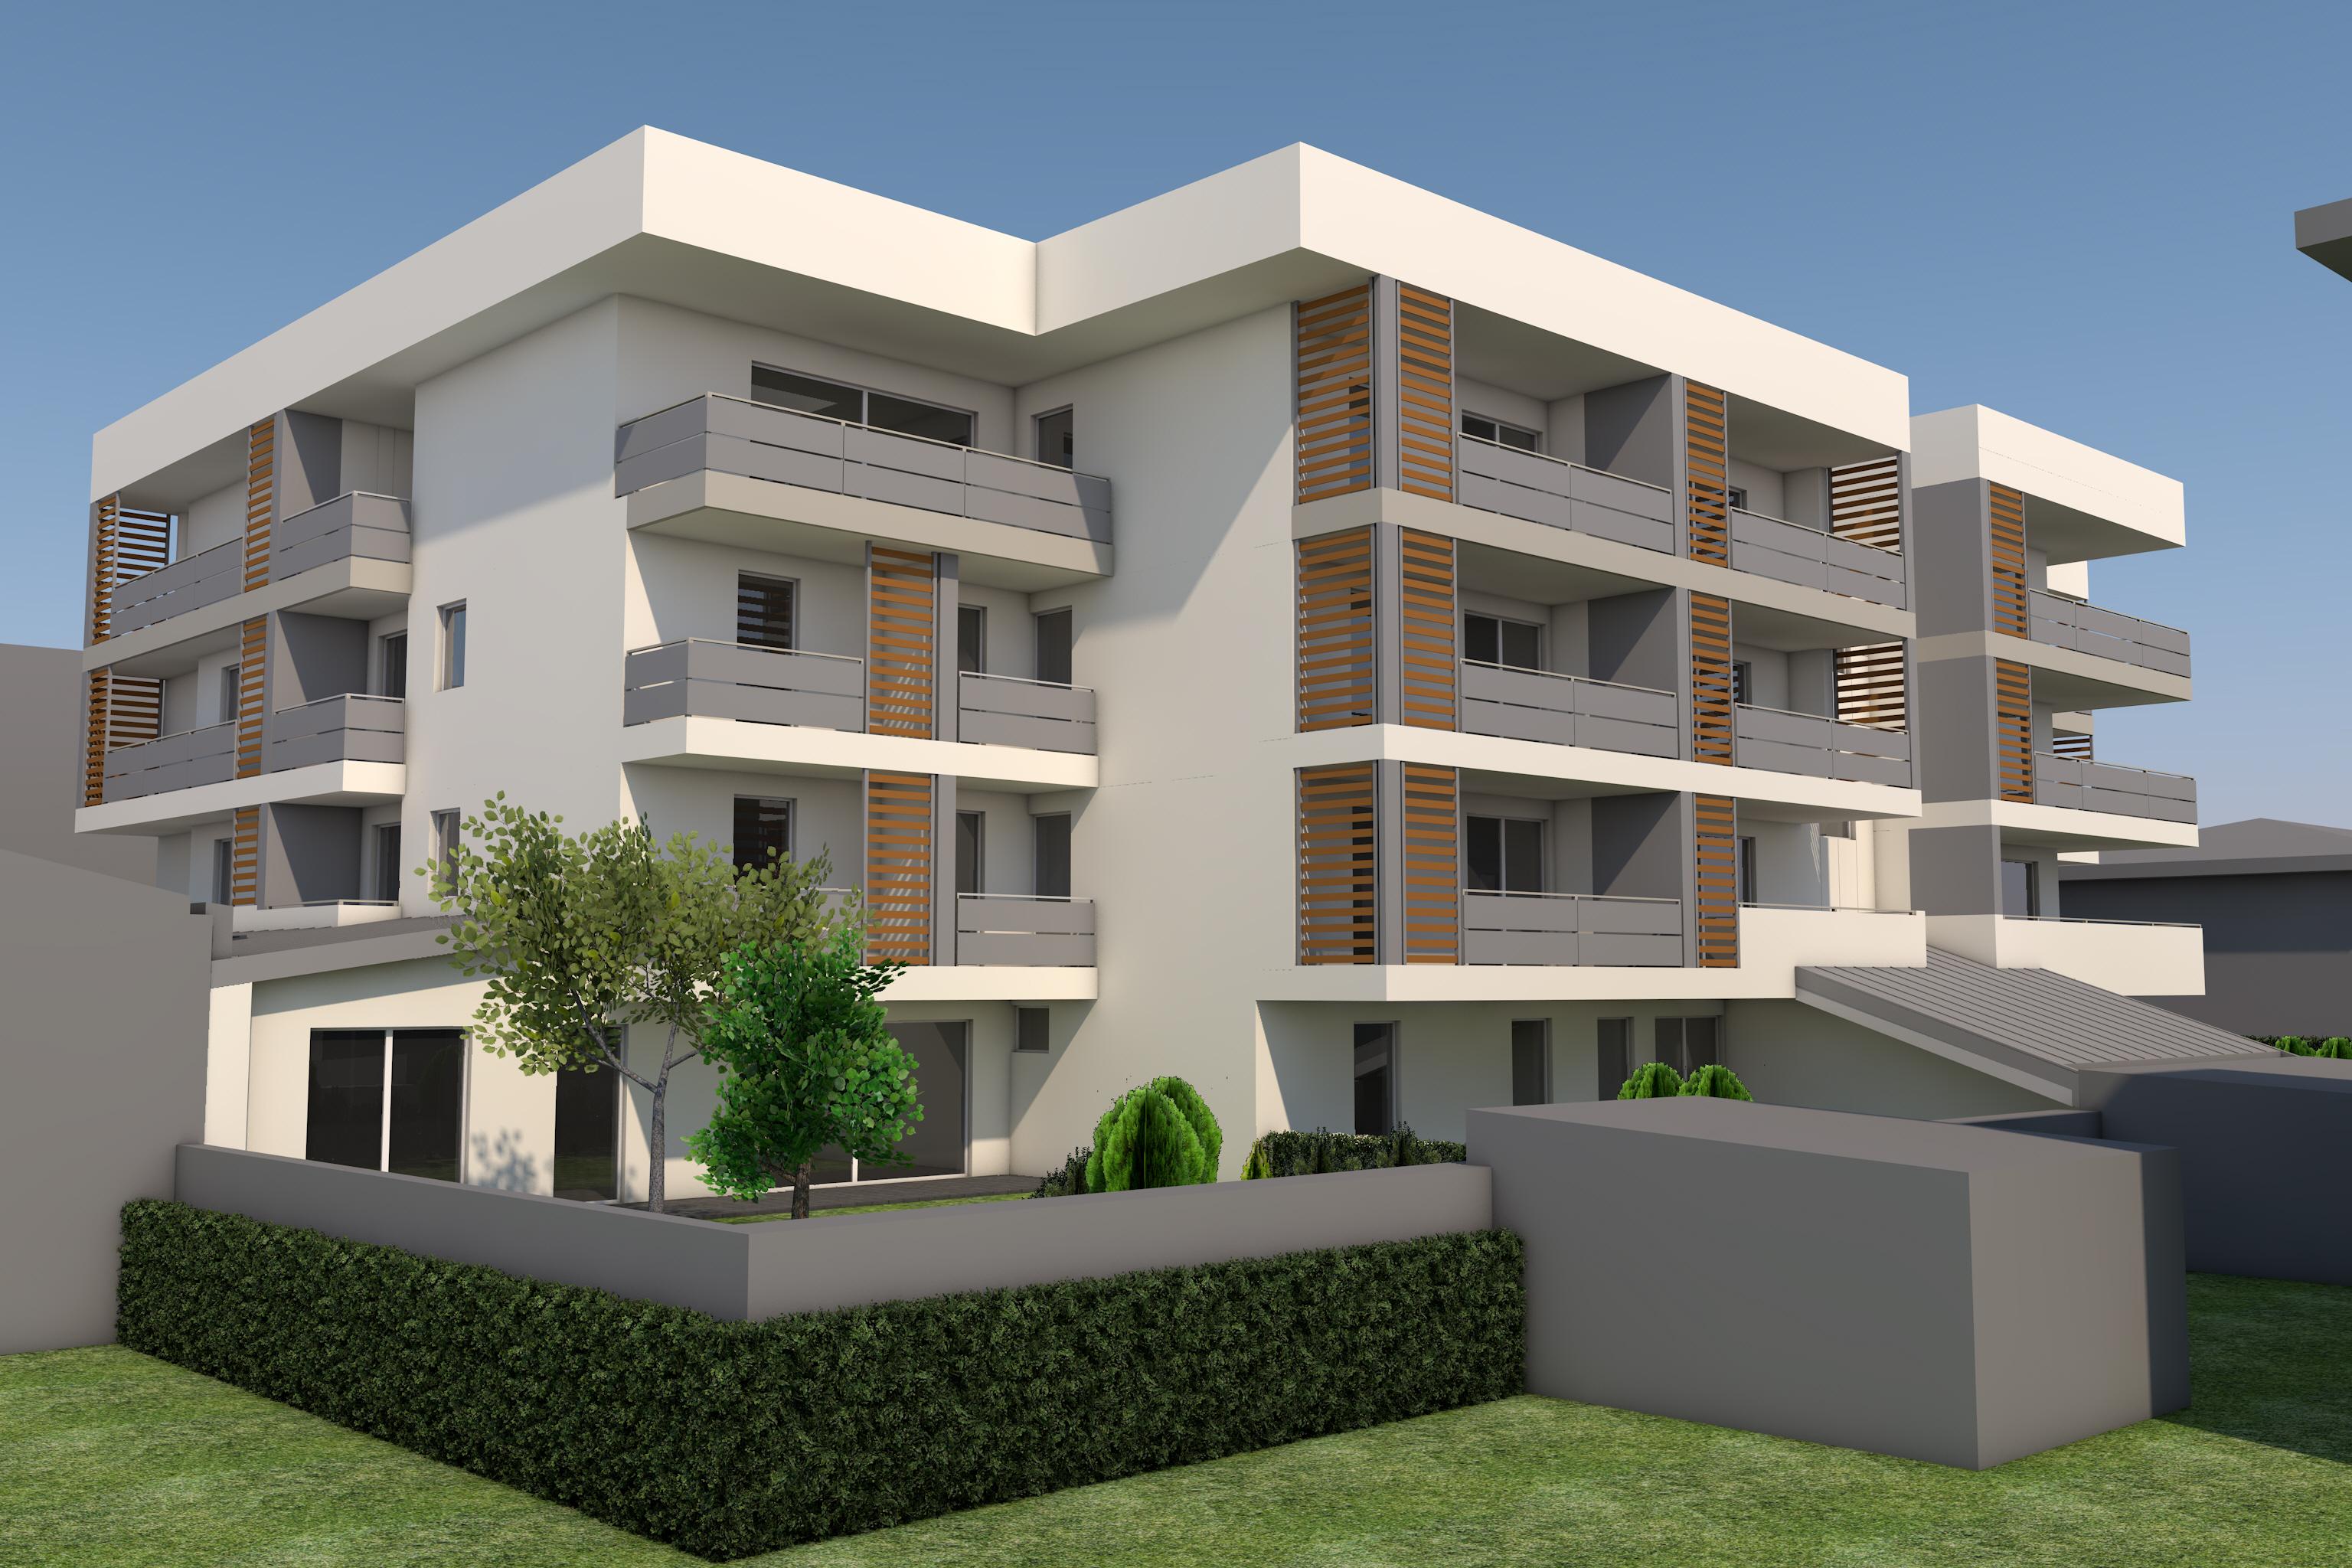 Appartamento A7 – Residenza Jacopino | Rovereto Lizzanella, Via Jacopino